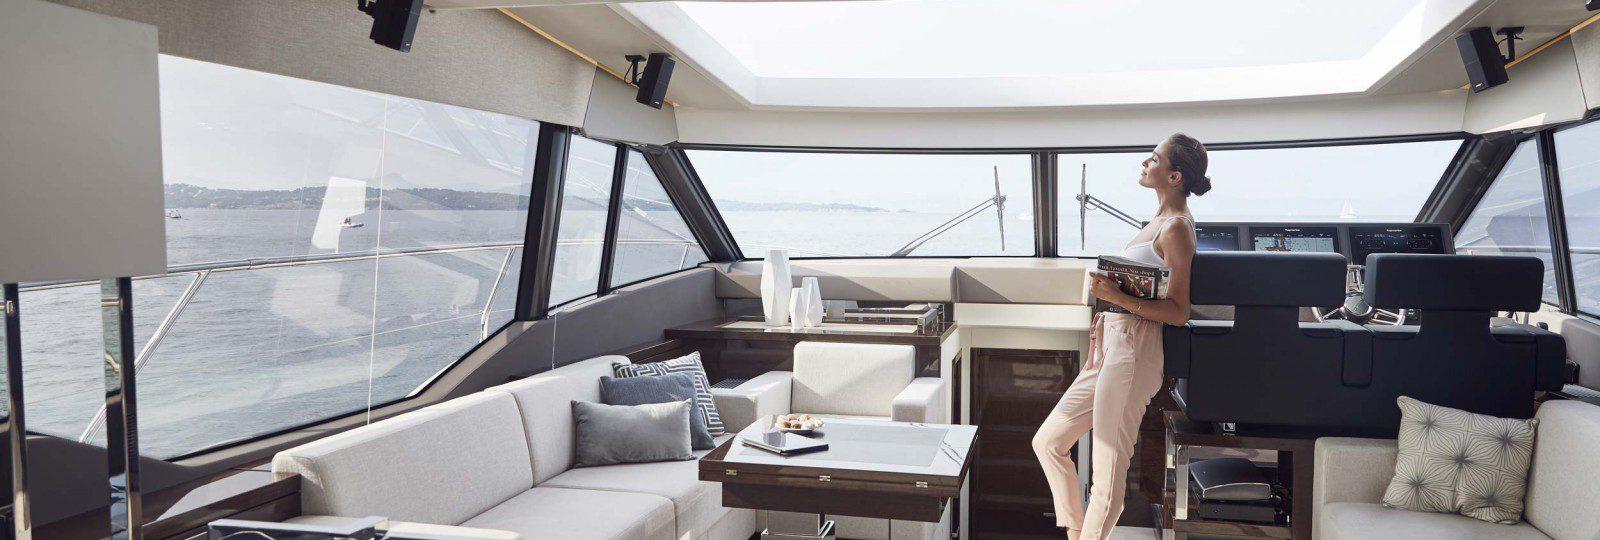 Prestige Yachts 630s saloon